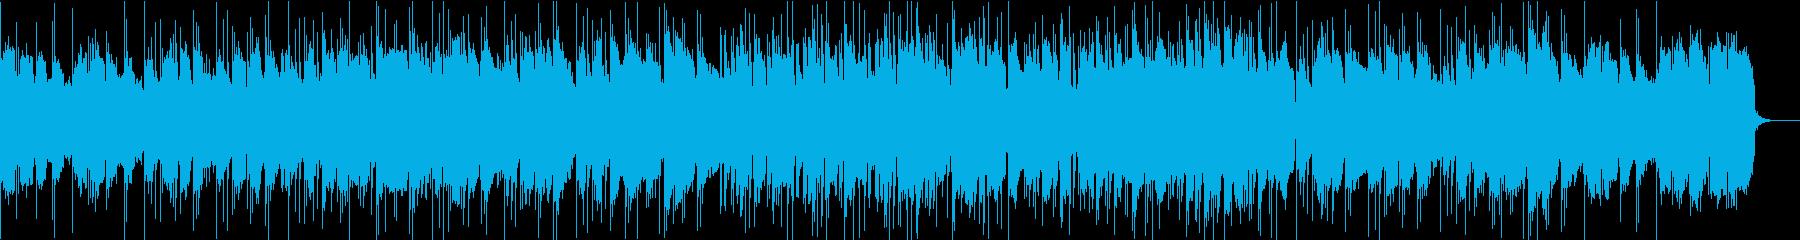 まったりできるサックスのスムースジャズの再生済みの波形